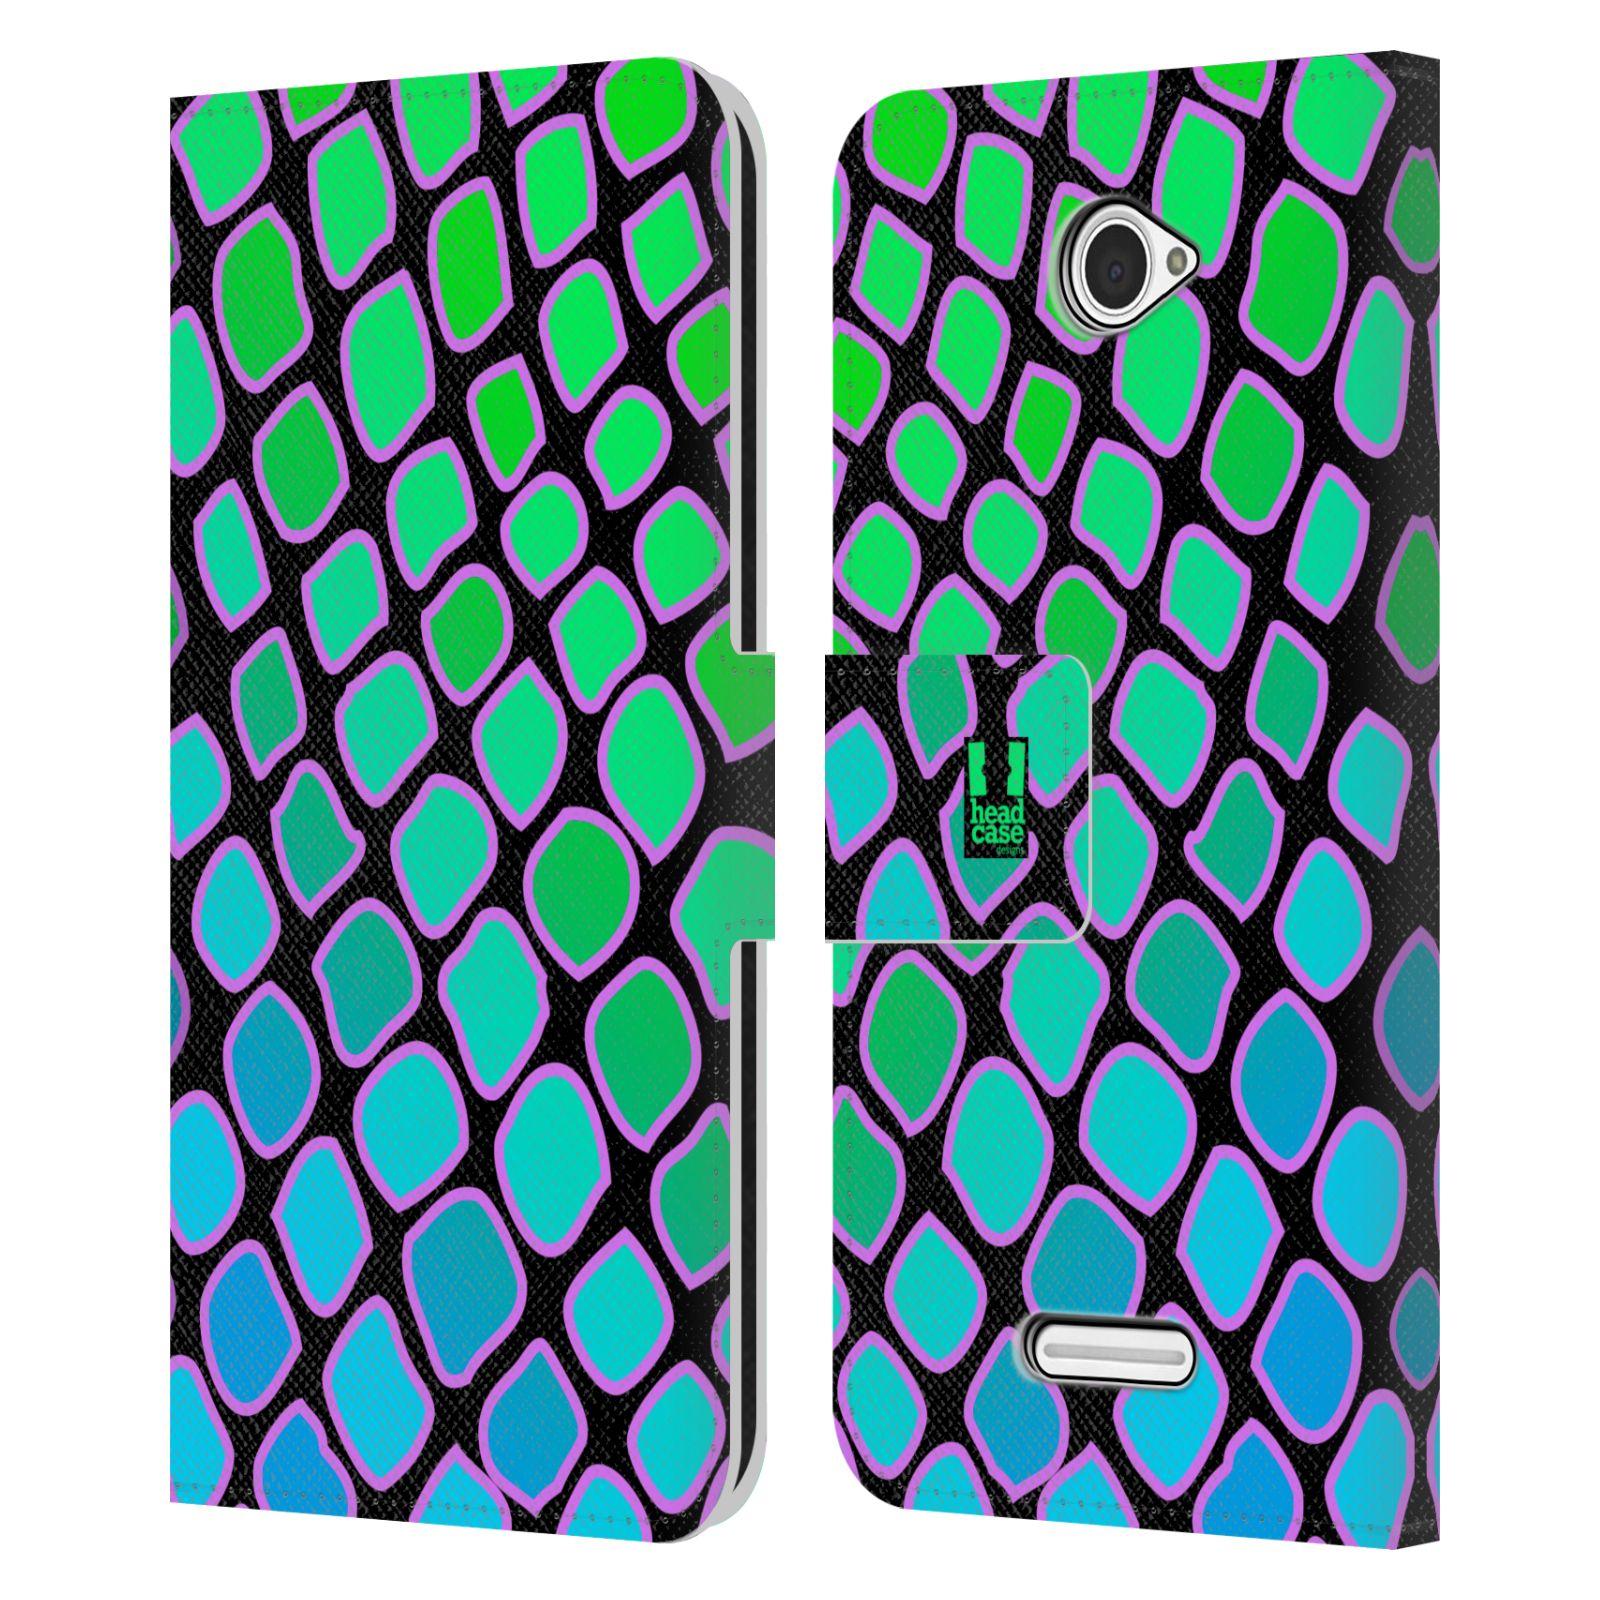 HEAD CASE Flipové pouzdro pro mobil SONY XPERIA E4 Zvířecí barevné vzory vodní had modrá a zelená barva AQUA